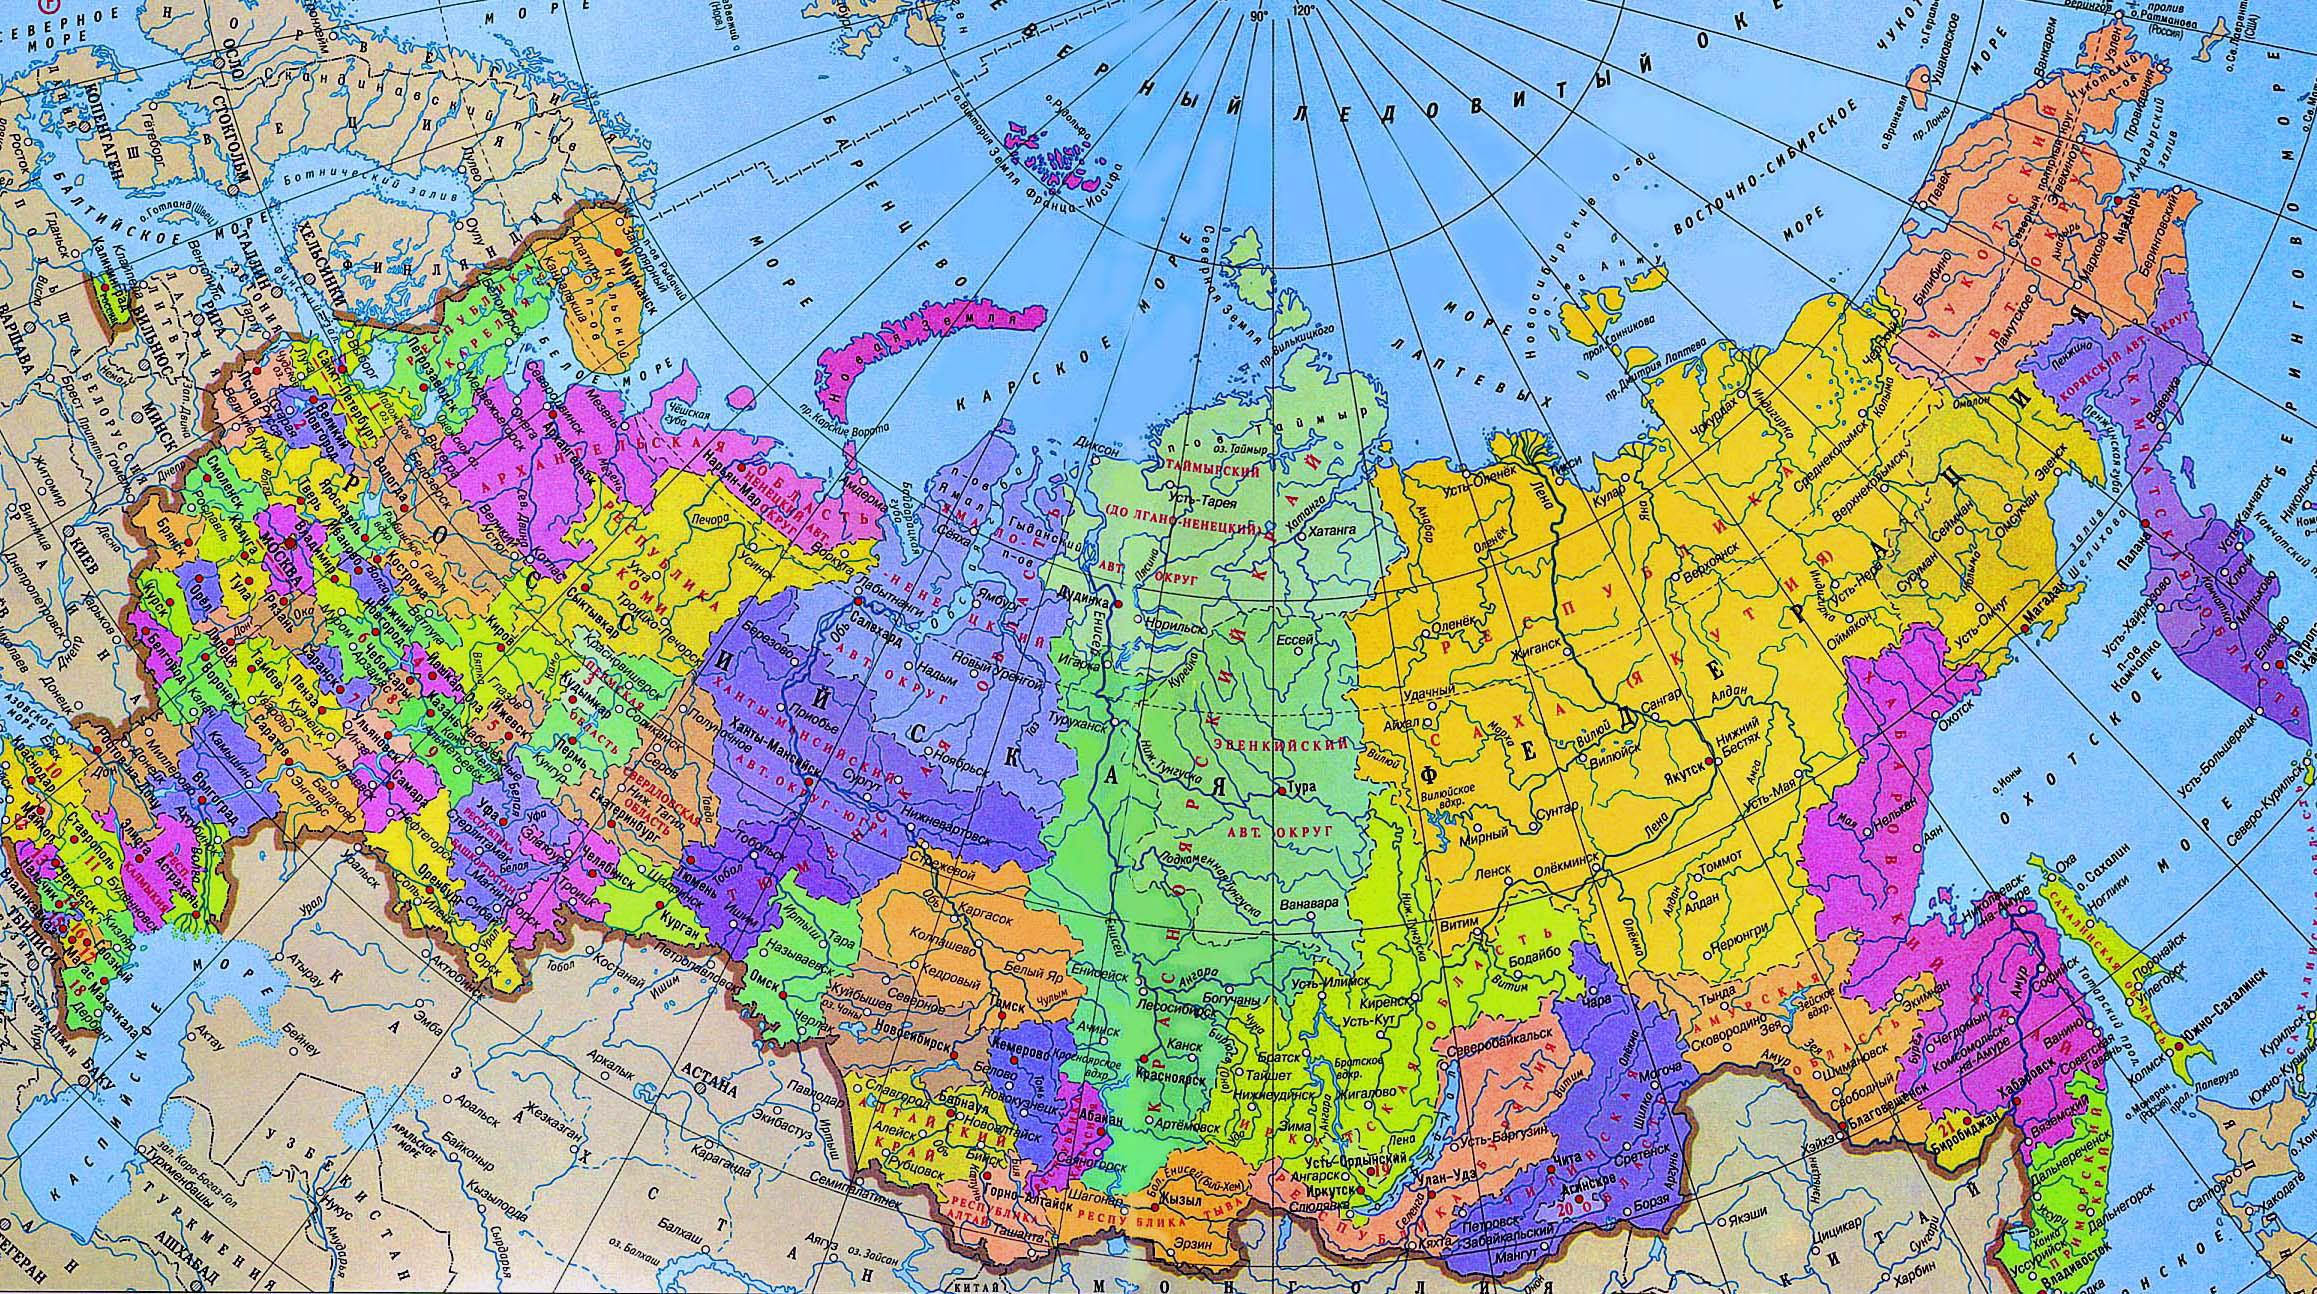 Ciudades De Rusia Mapa.Detallado Mapa Politico Y Administrativo De Rusia Con